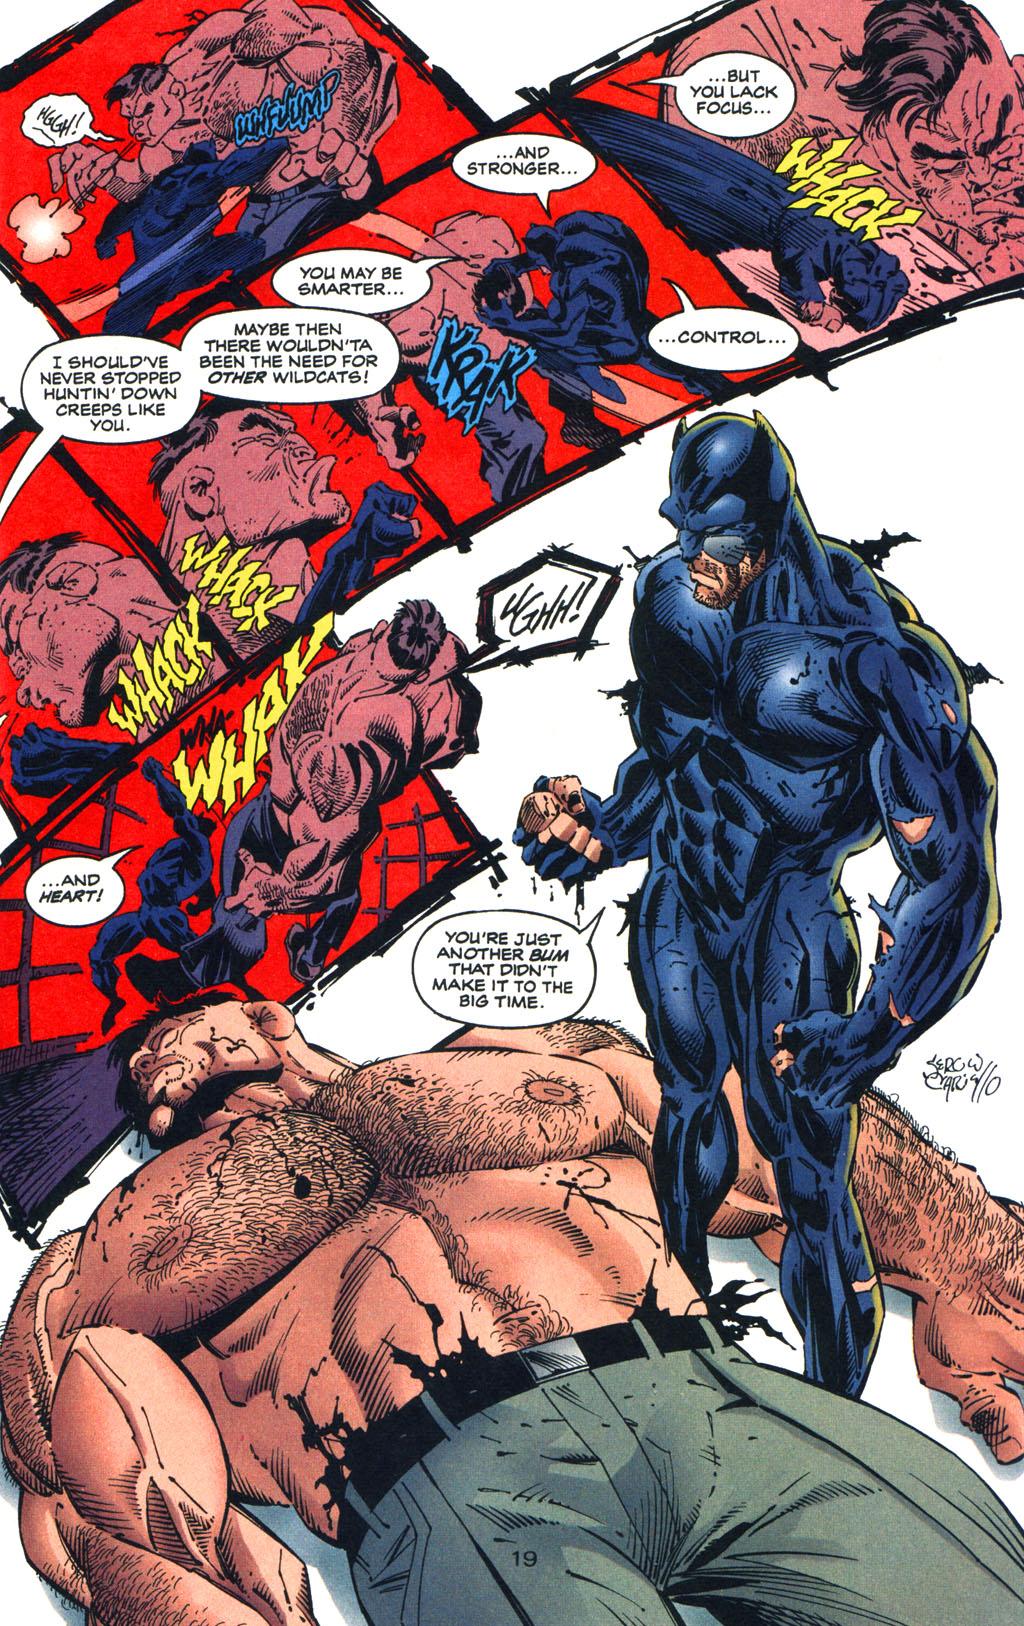 Read online Batman/Wildcat comic -  Issue #3 - 19